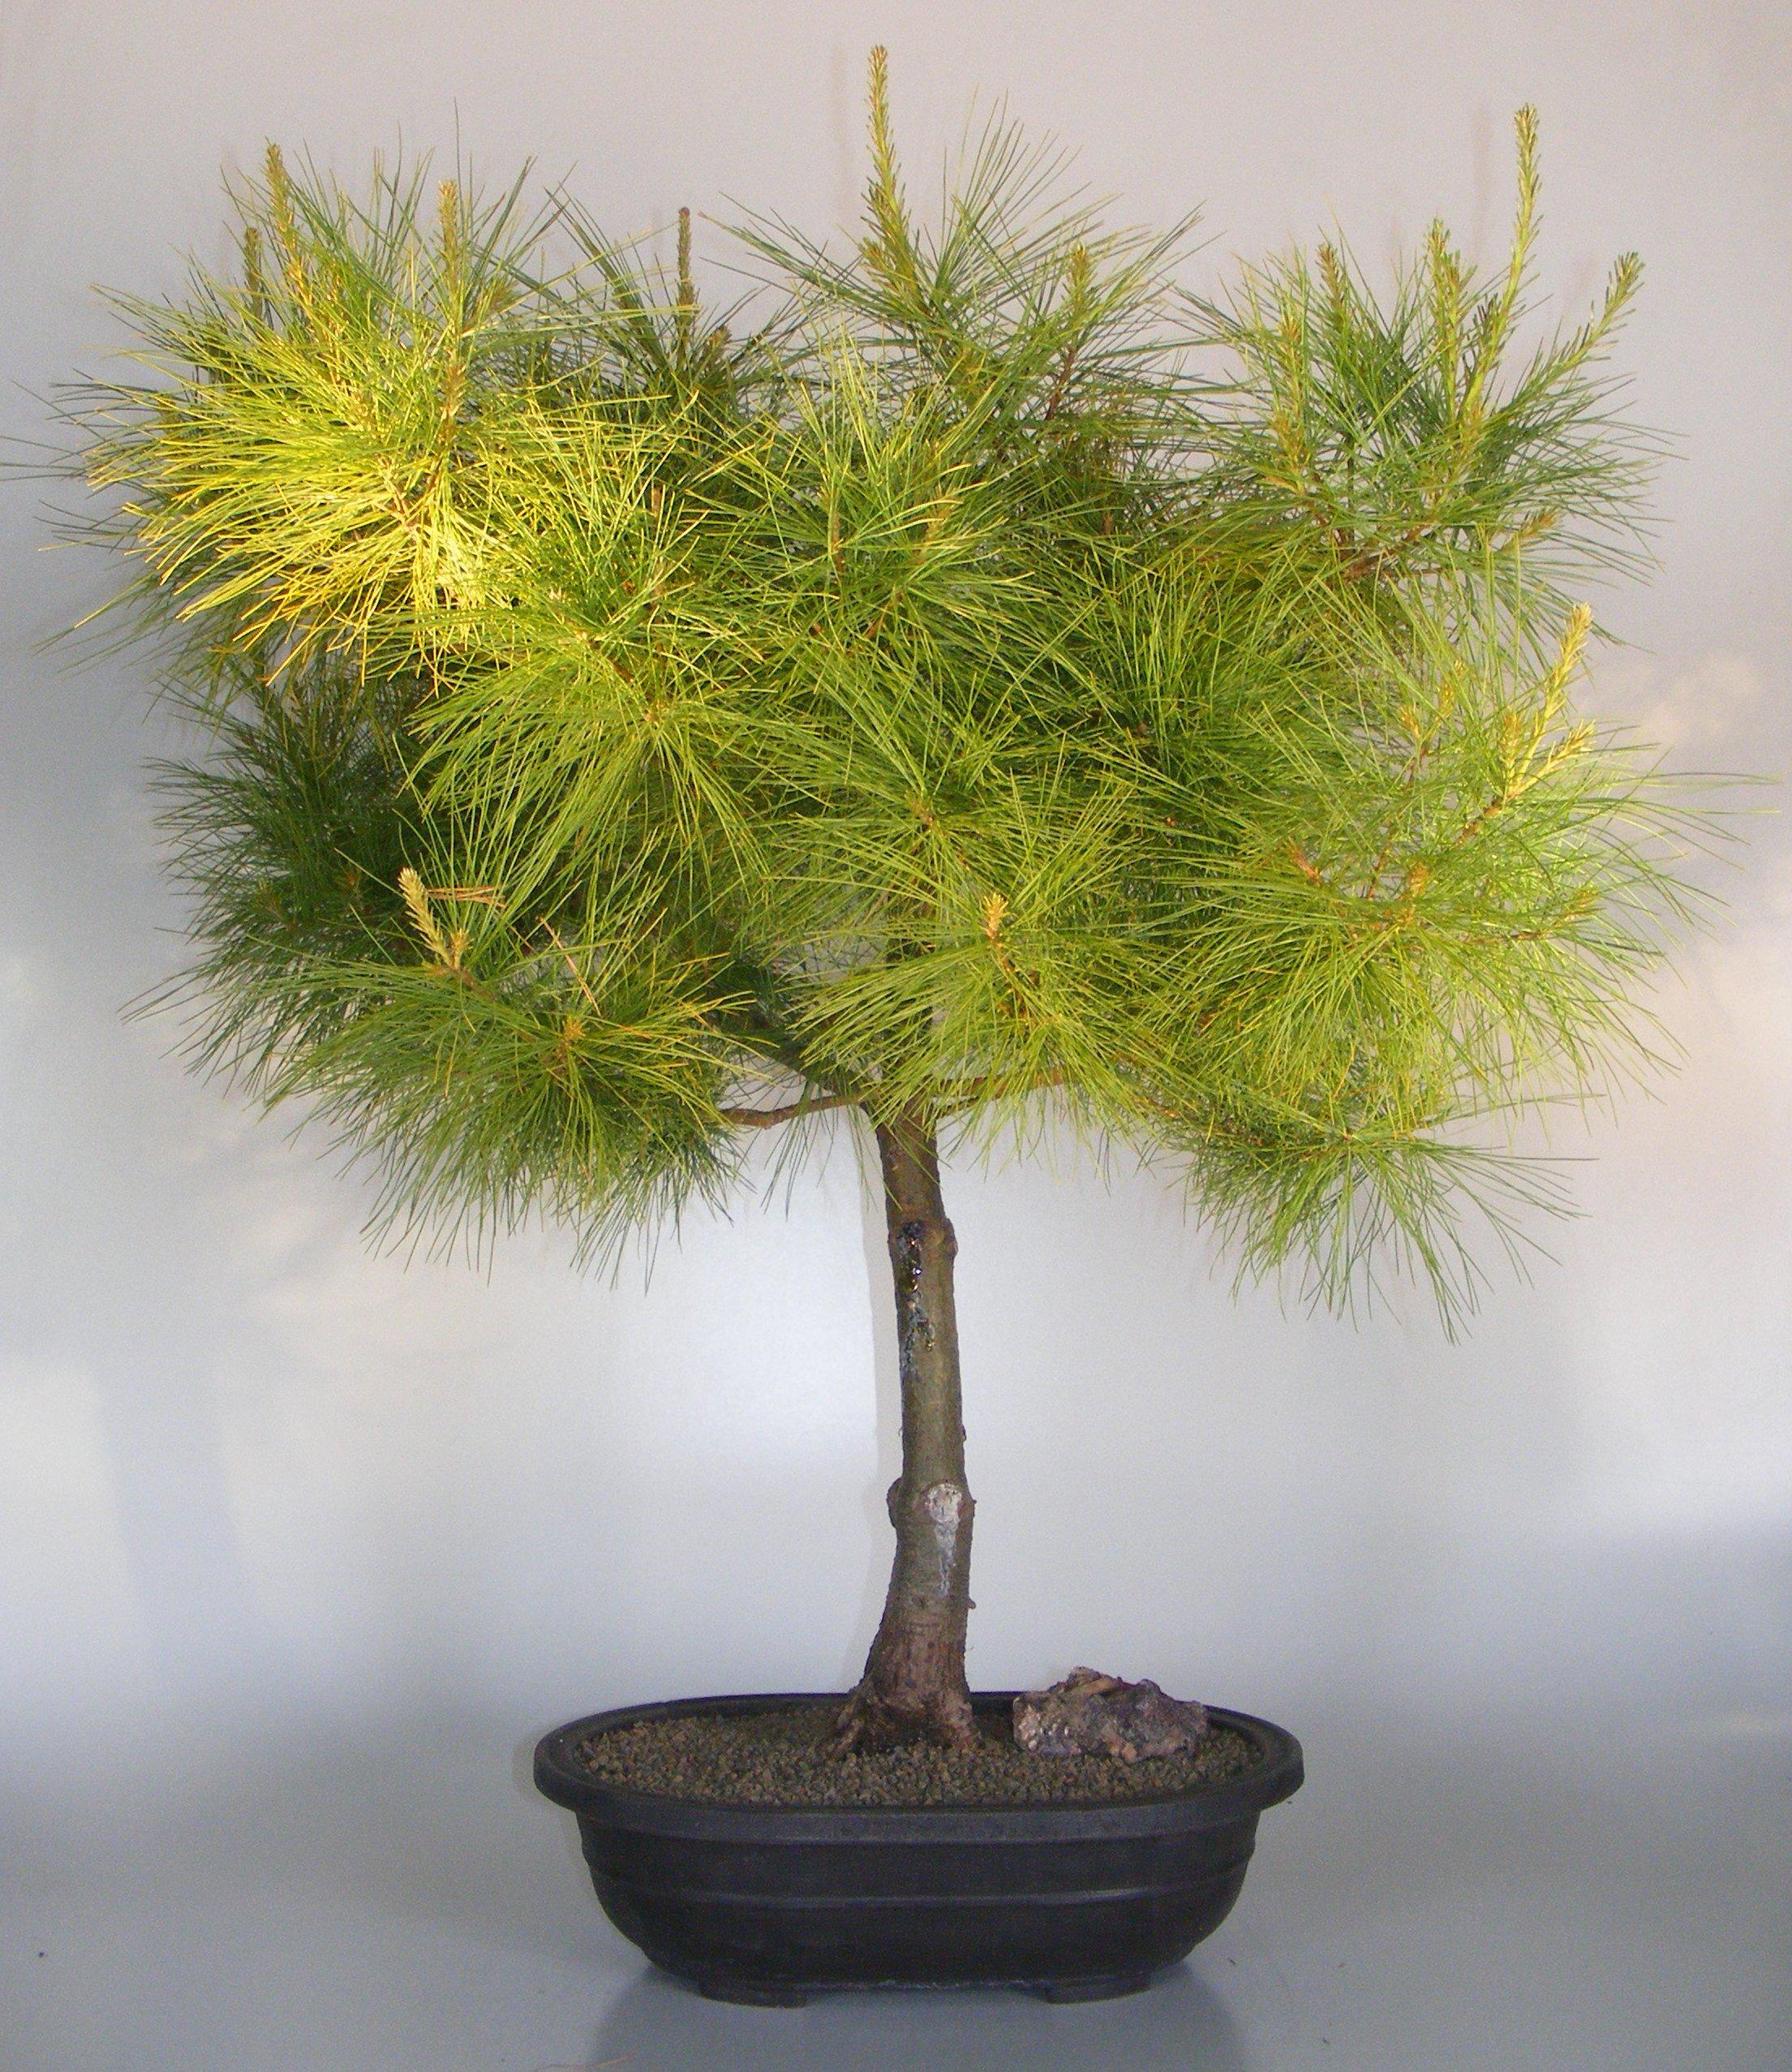 Japanese White Pine Bonsai Tree(pinus parviflora) Image